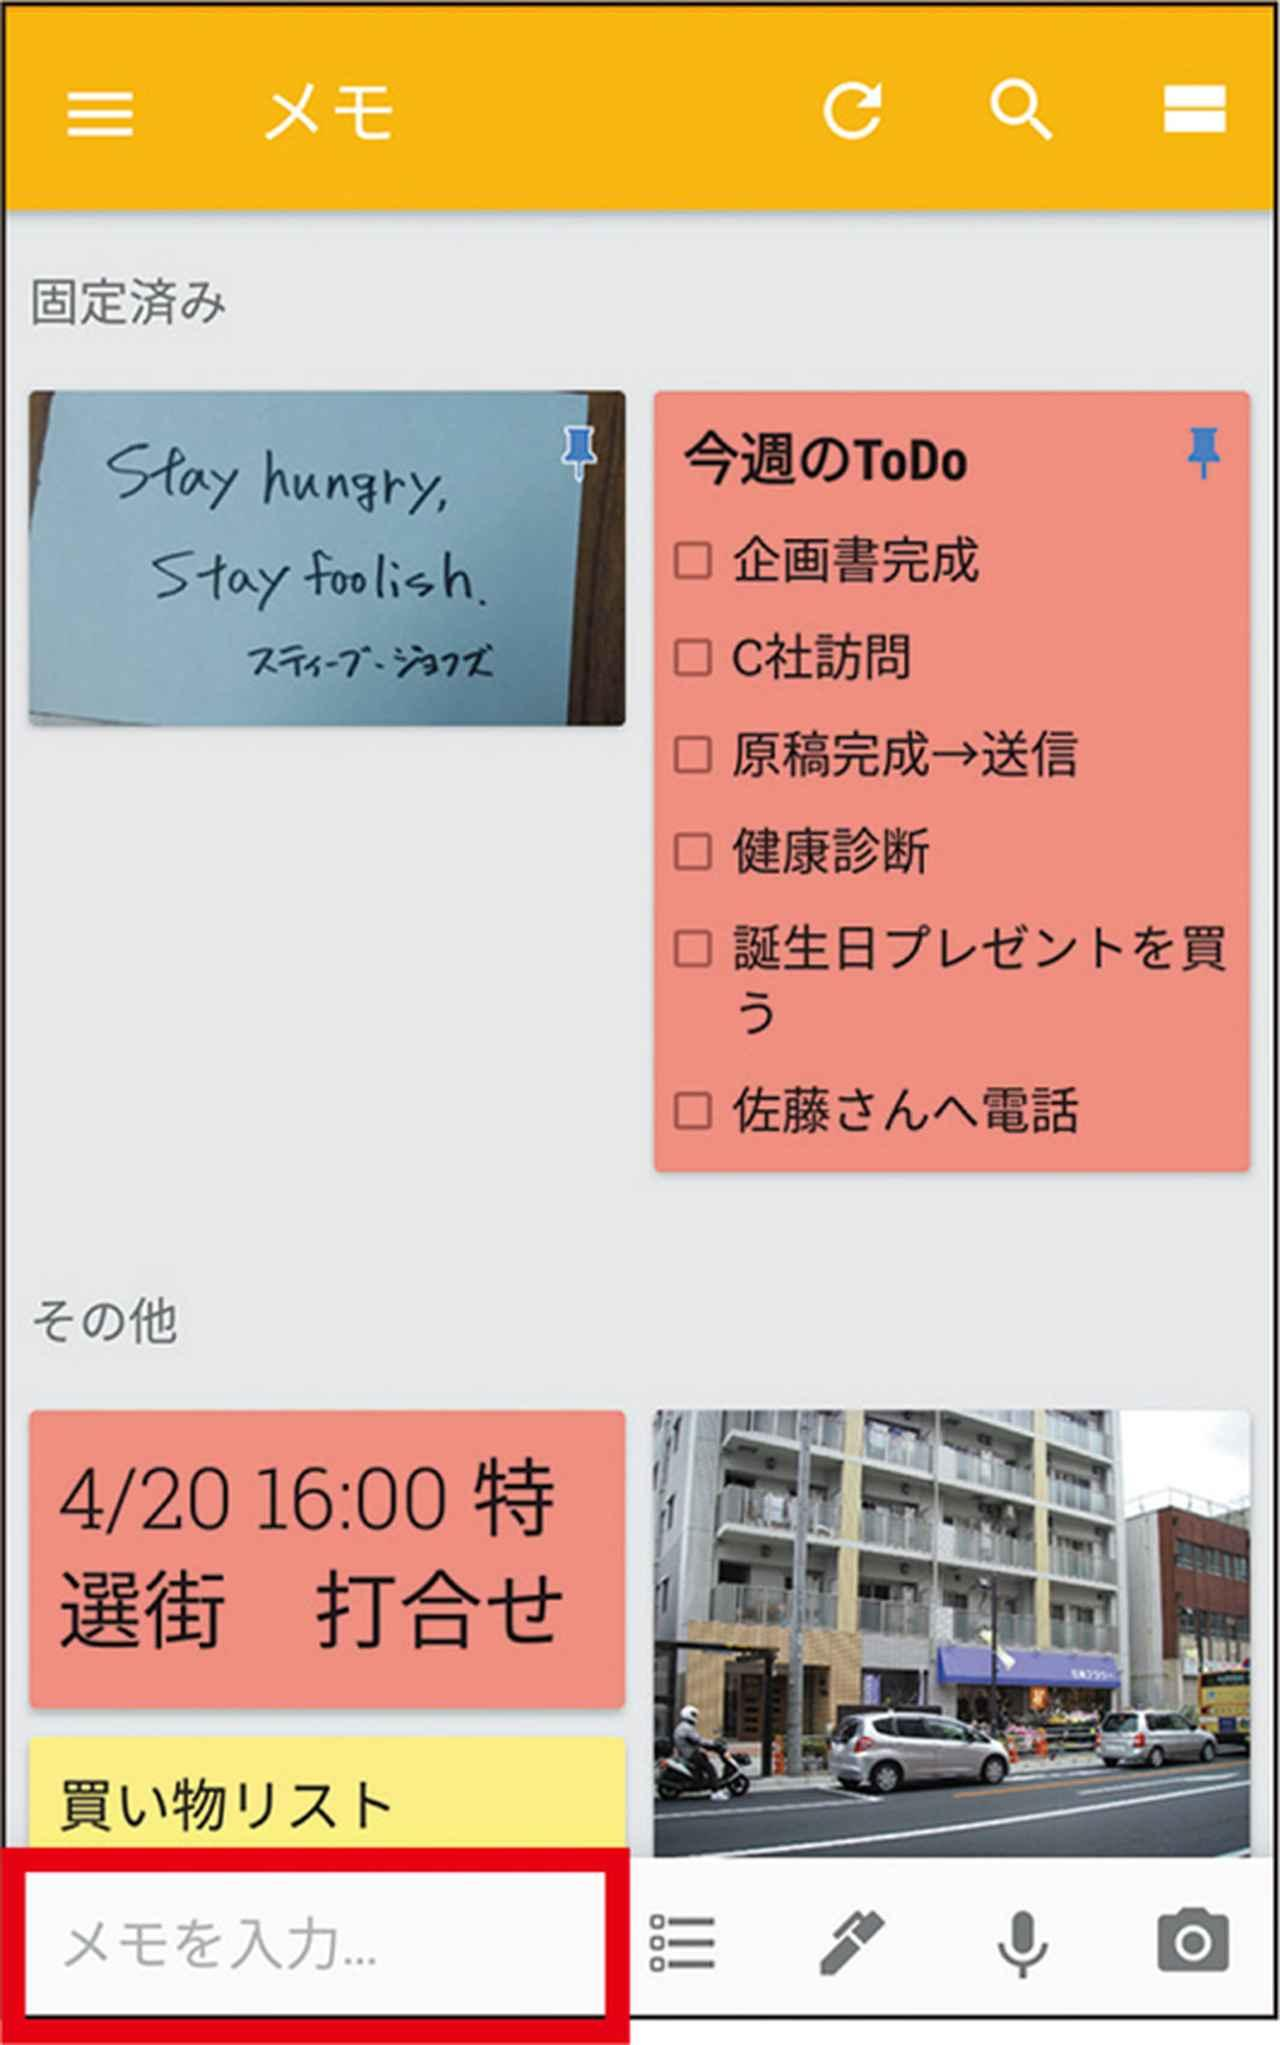 画像: Androidスマホで開いても、パソコンとまったく同じ内容だ。新規メモは下の入力欄から追加可能。